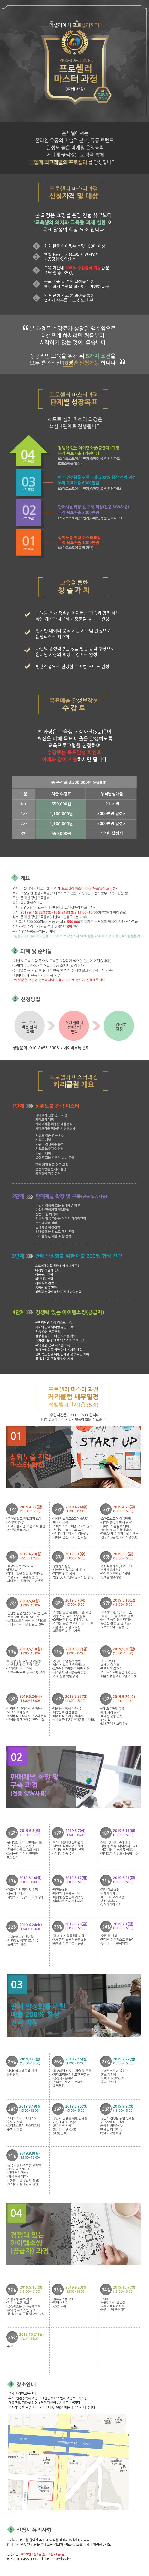 최종수정_경인 프로셀러마스터.jpg